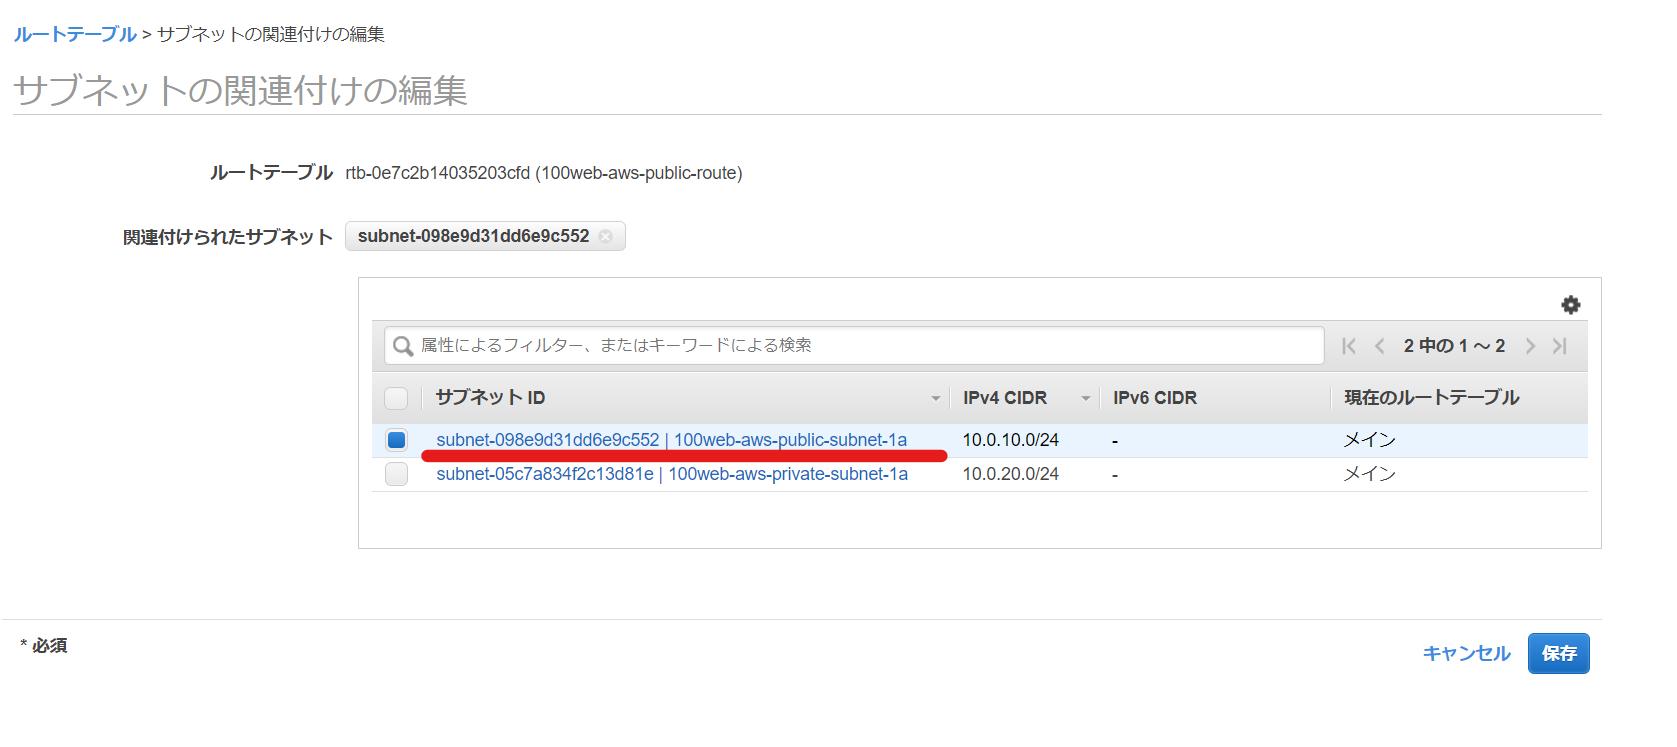 AWS ルートテーブルサブネット編集画面